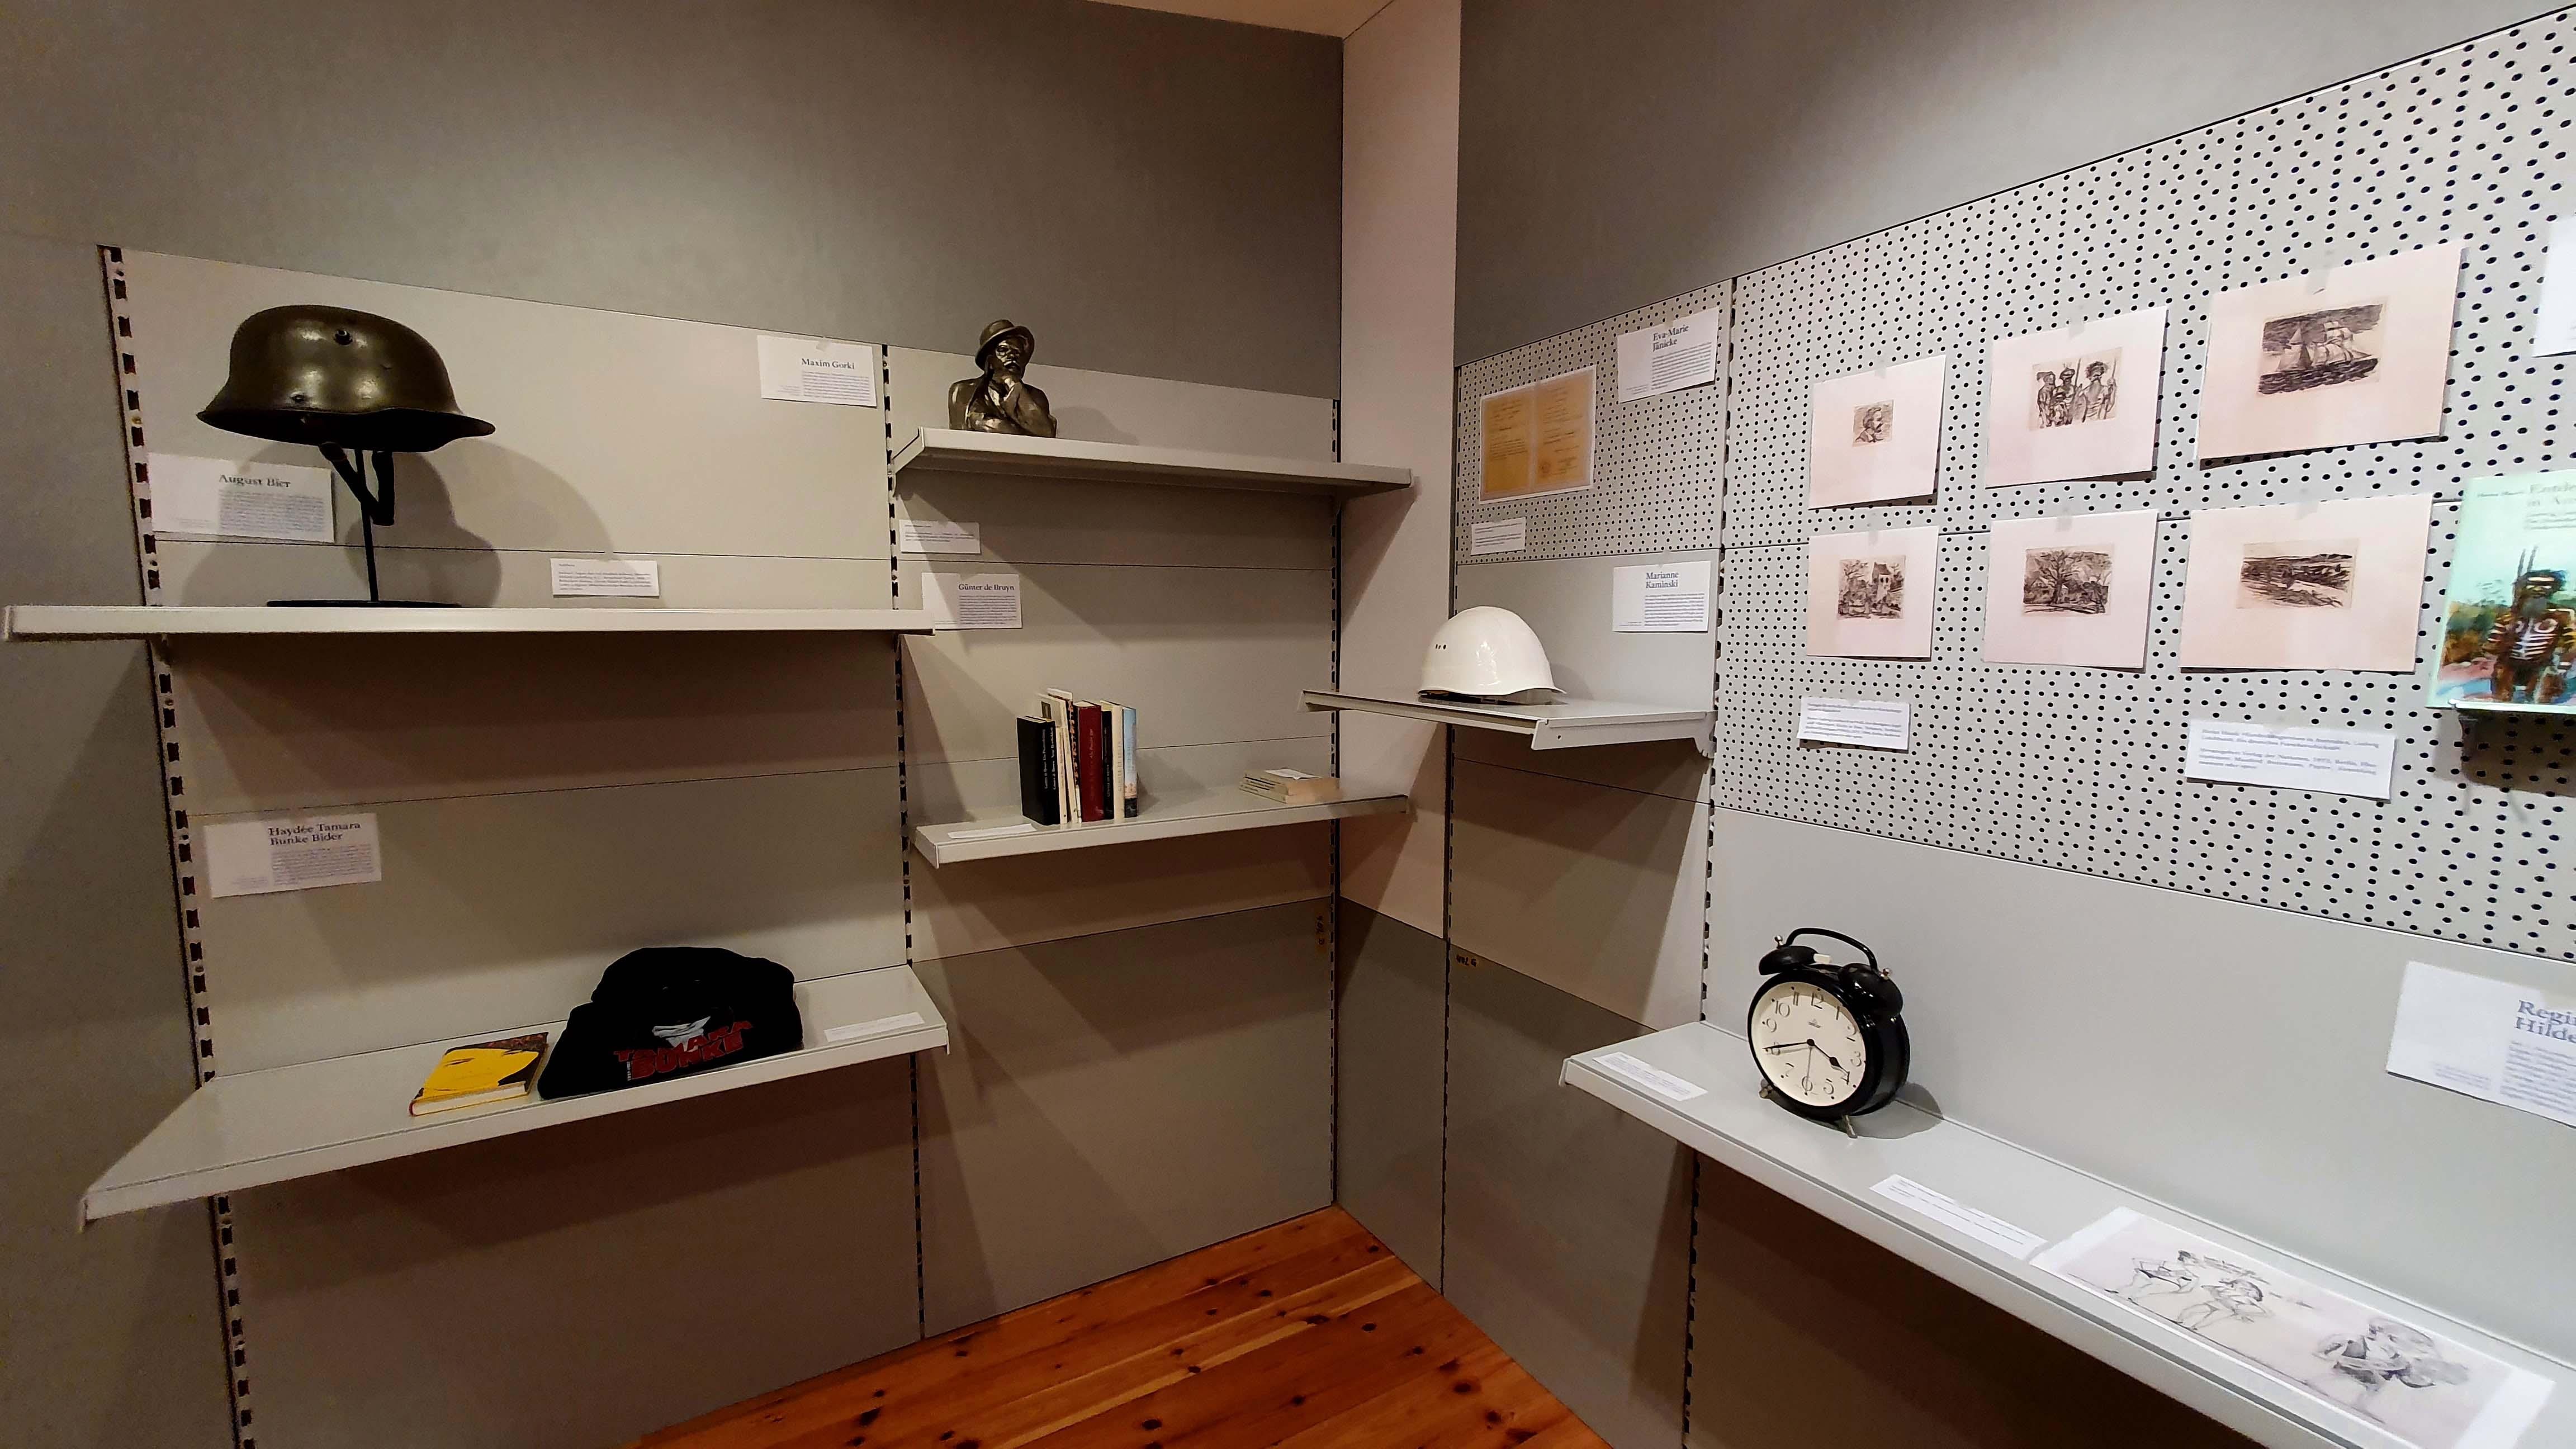 museum oder-spree im Aufbau (Stand: 28.10.2020)